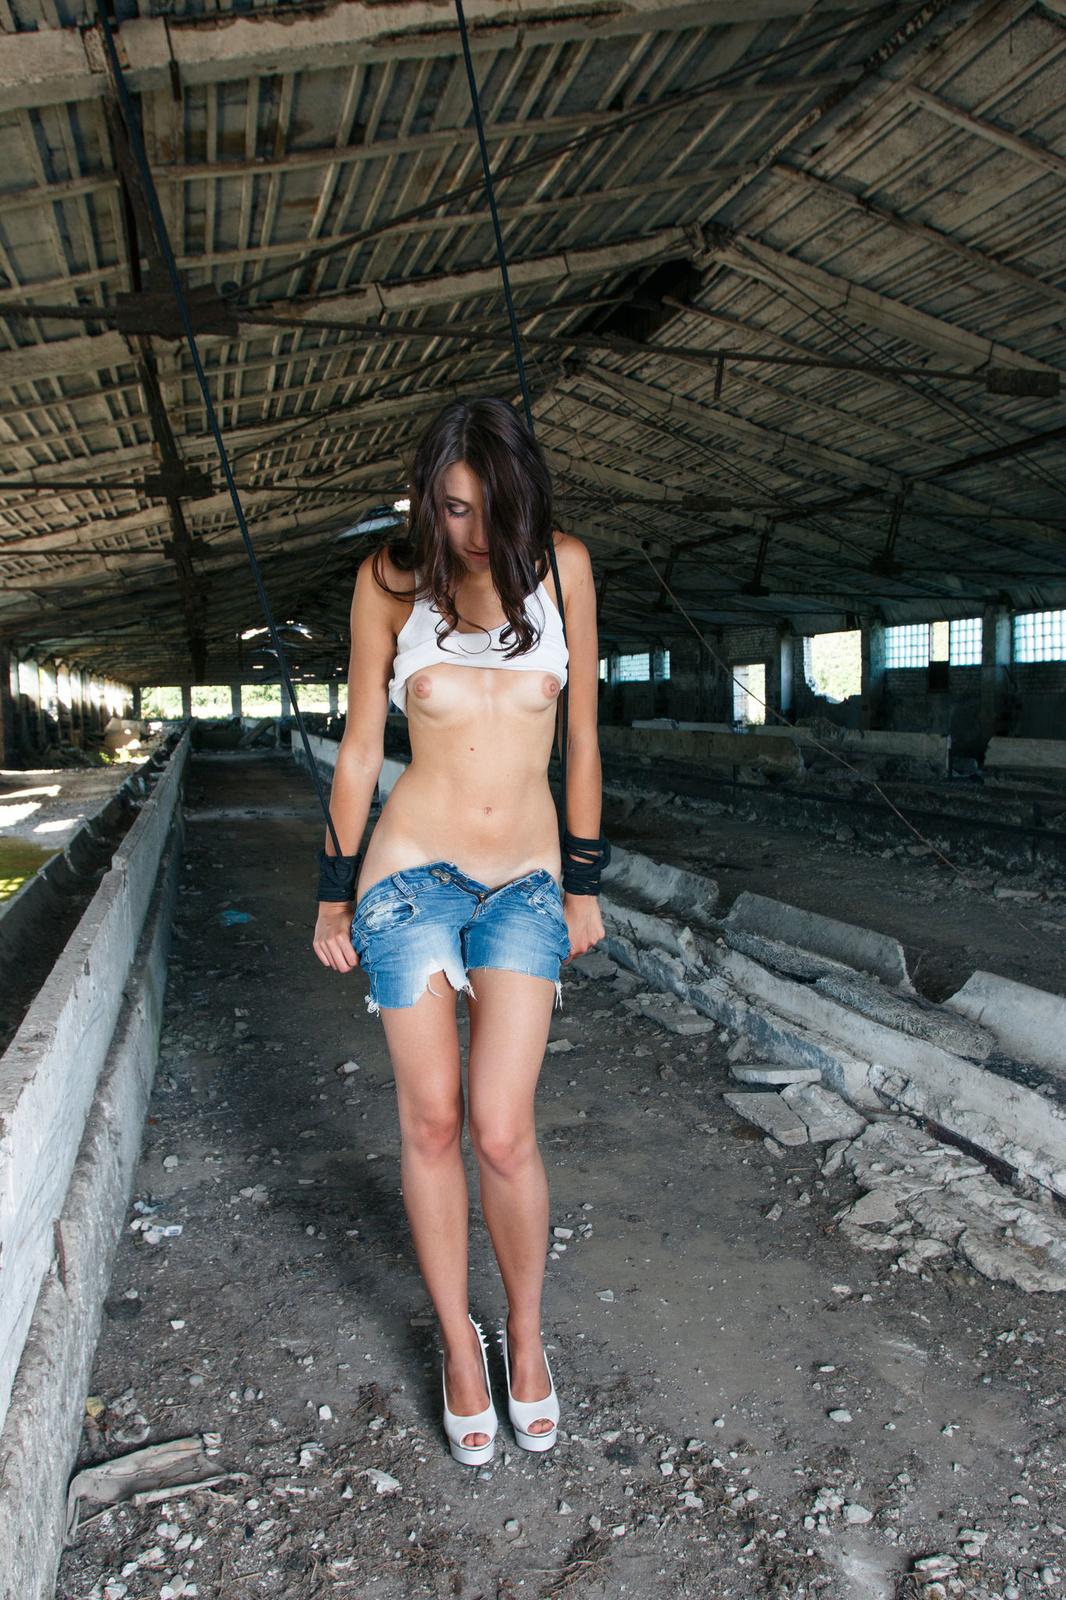 Zdjęcie porno - 0925 - Super modelka